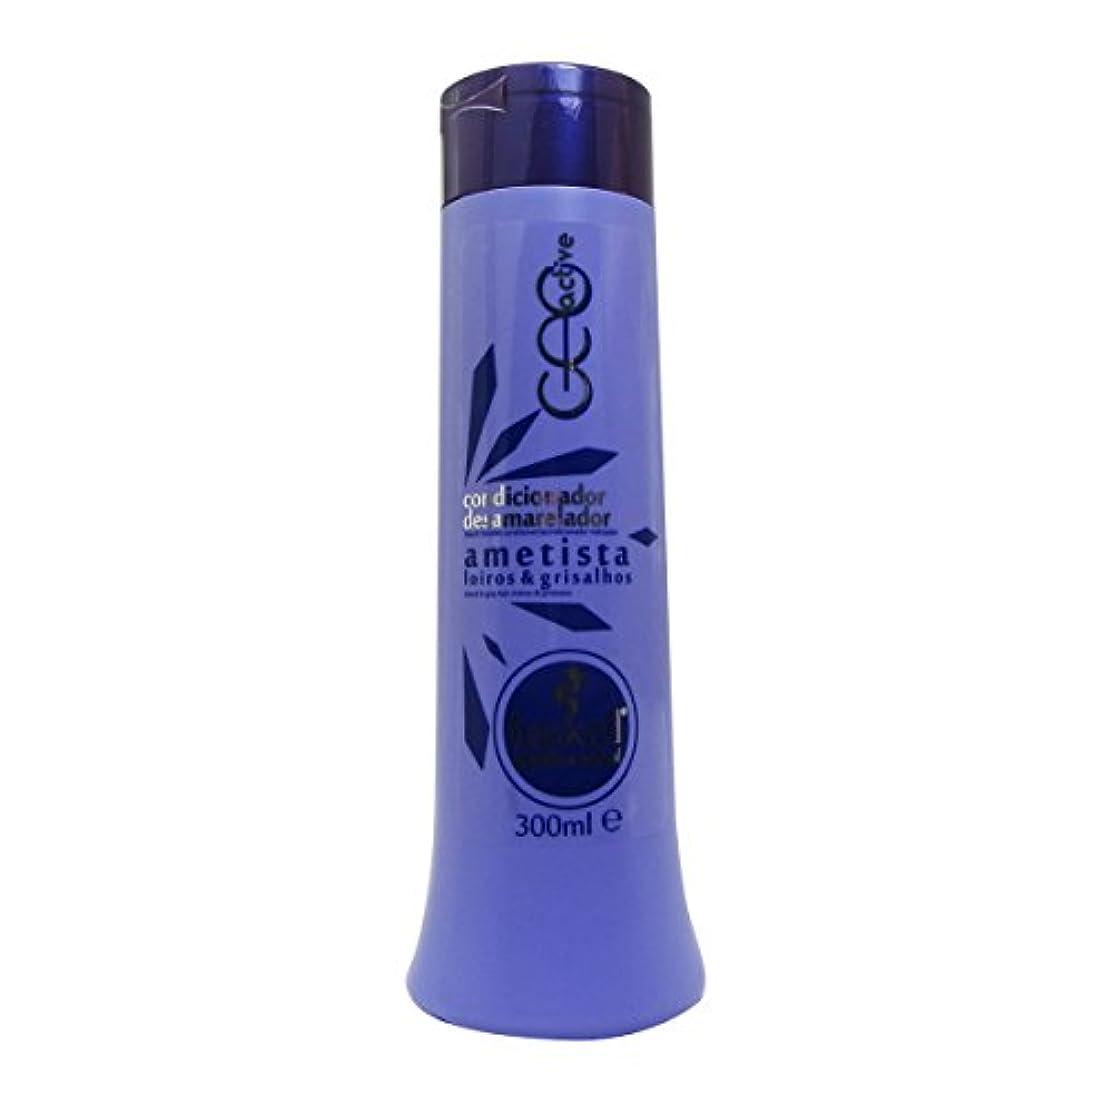 幻想発表する薄汚いHaskell Ametista Conditioner 300ml [並行輸入品]